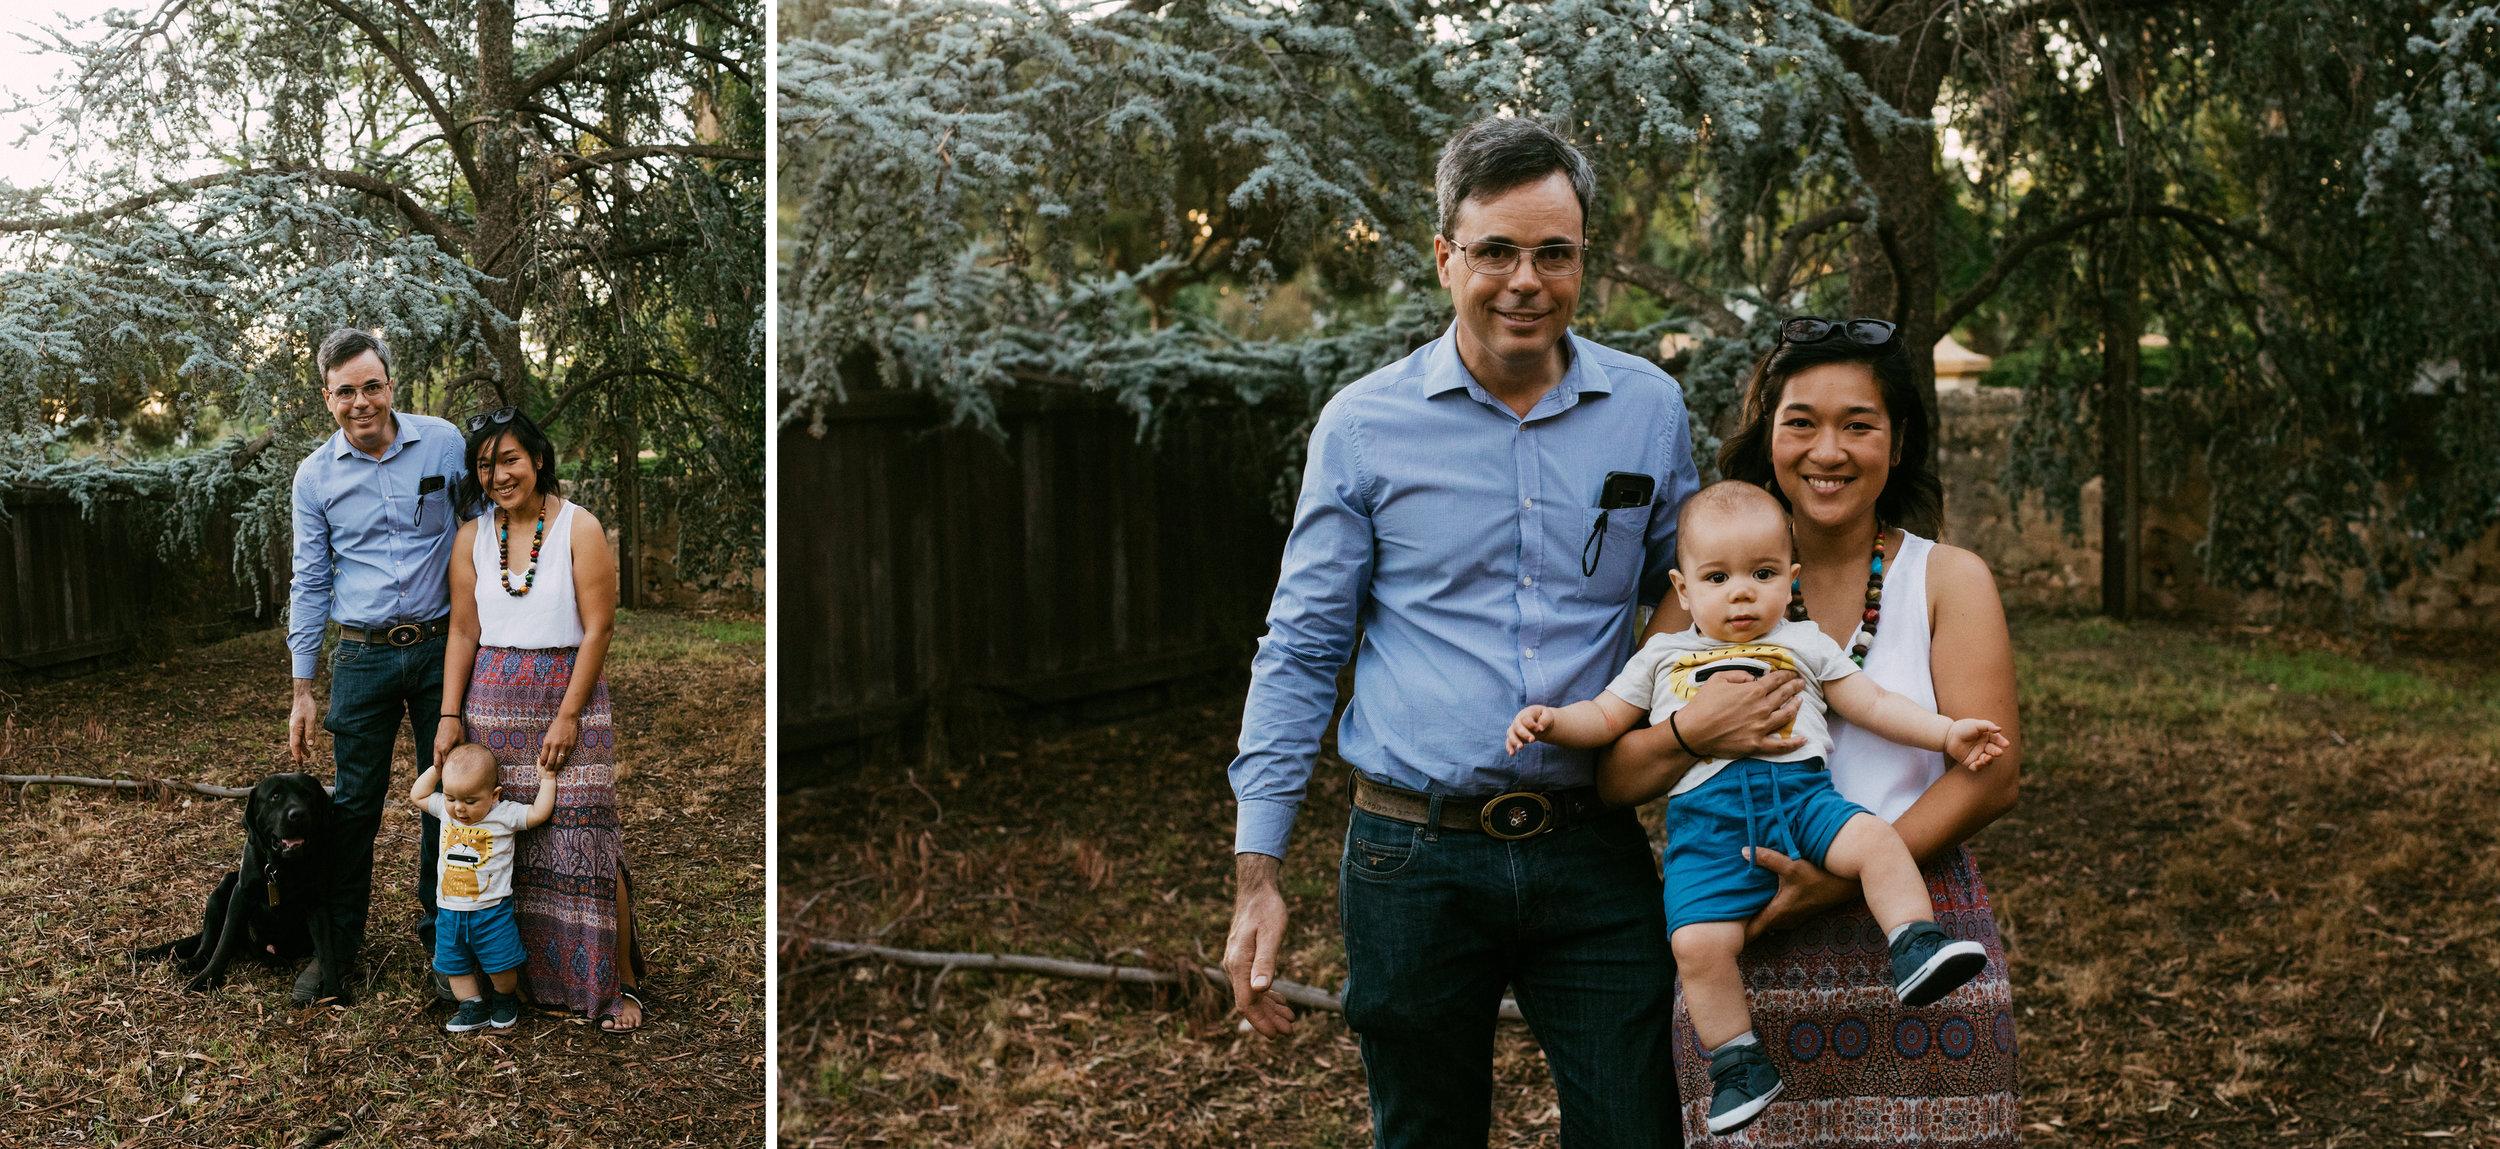 Natural Family Portraits at Home SA Adelaide 023.jpg